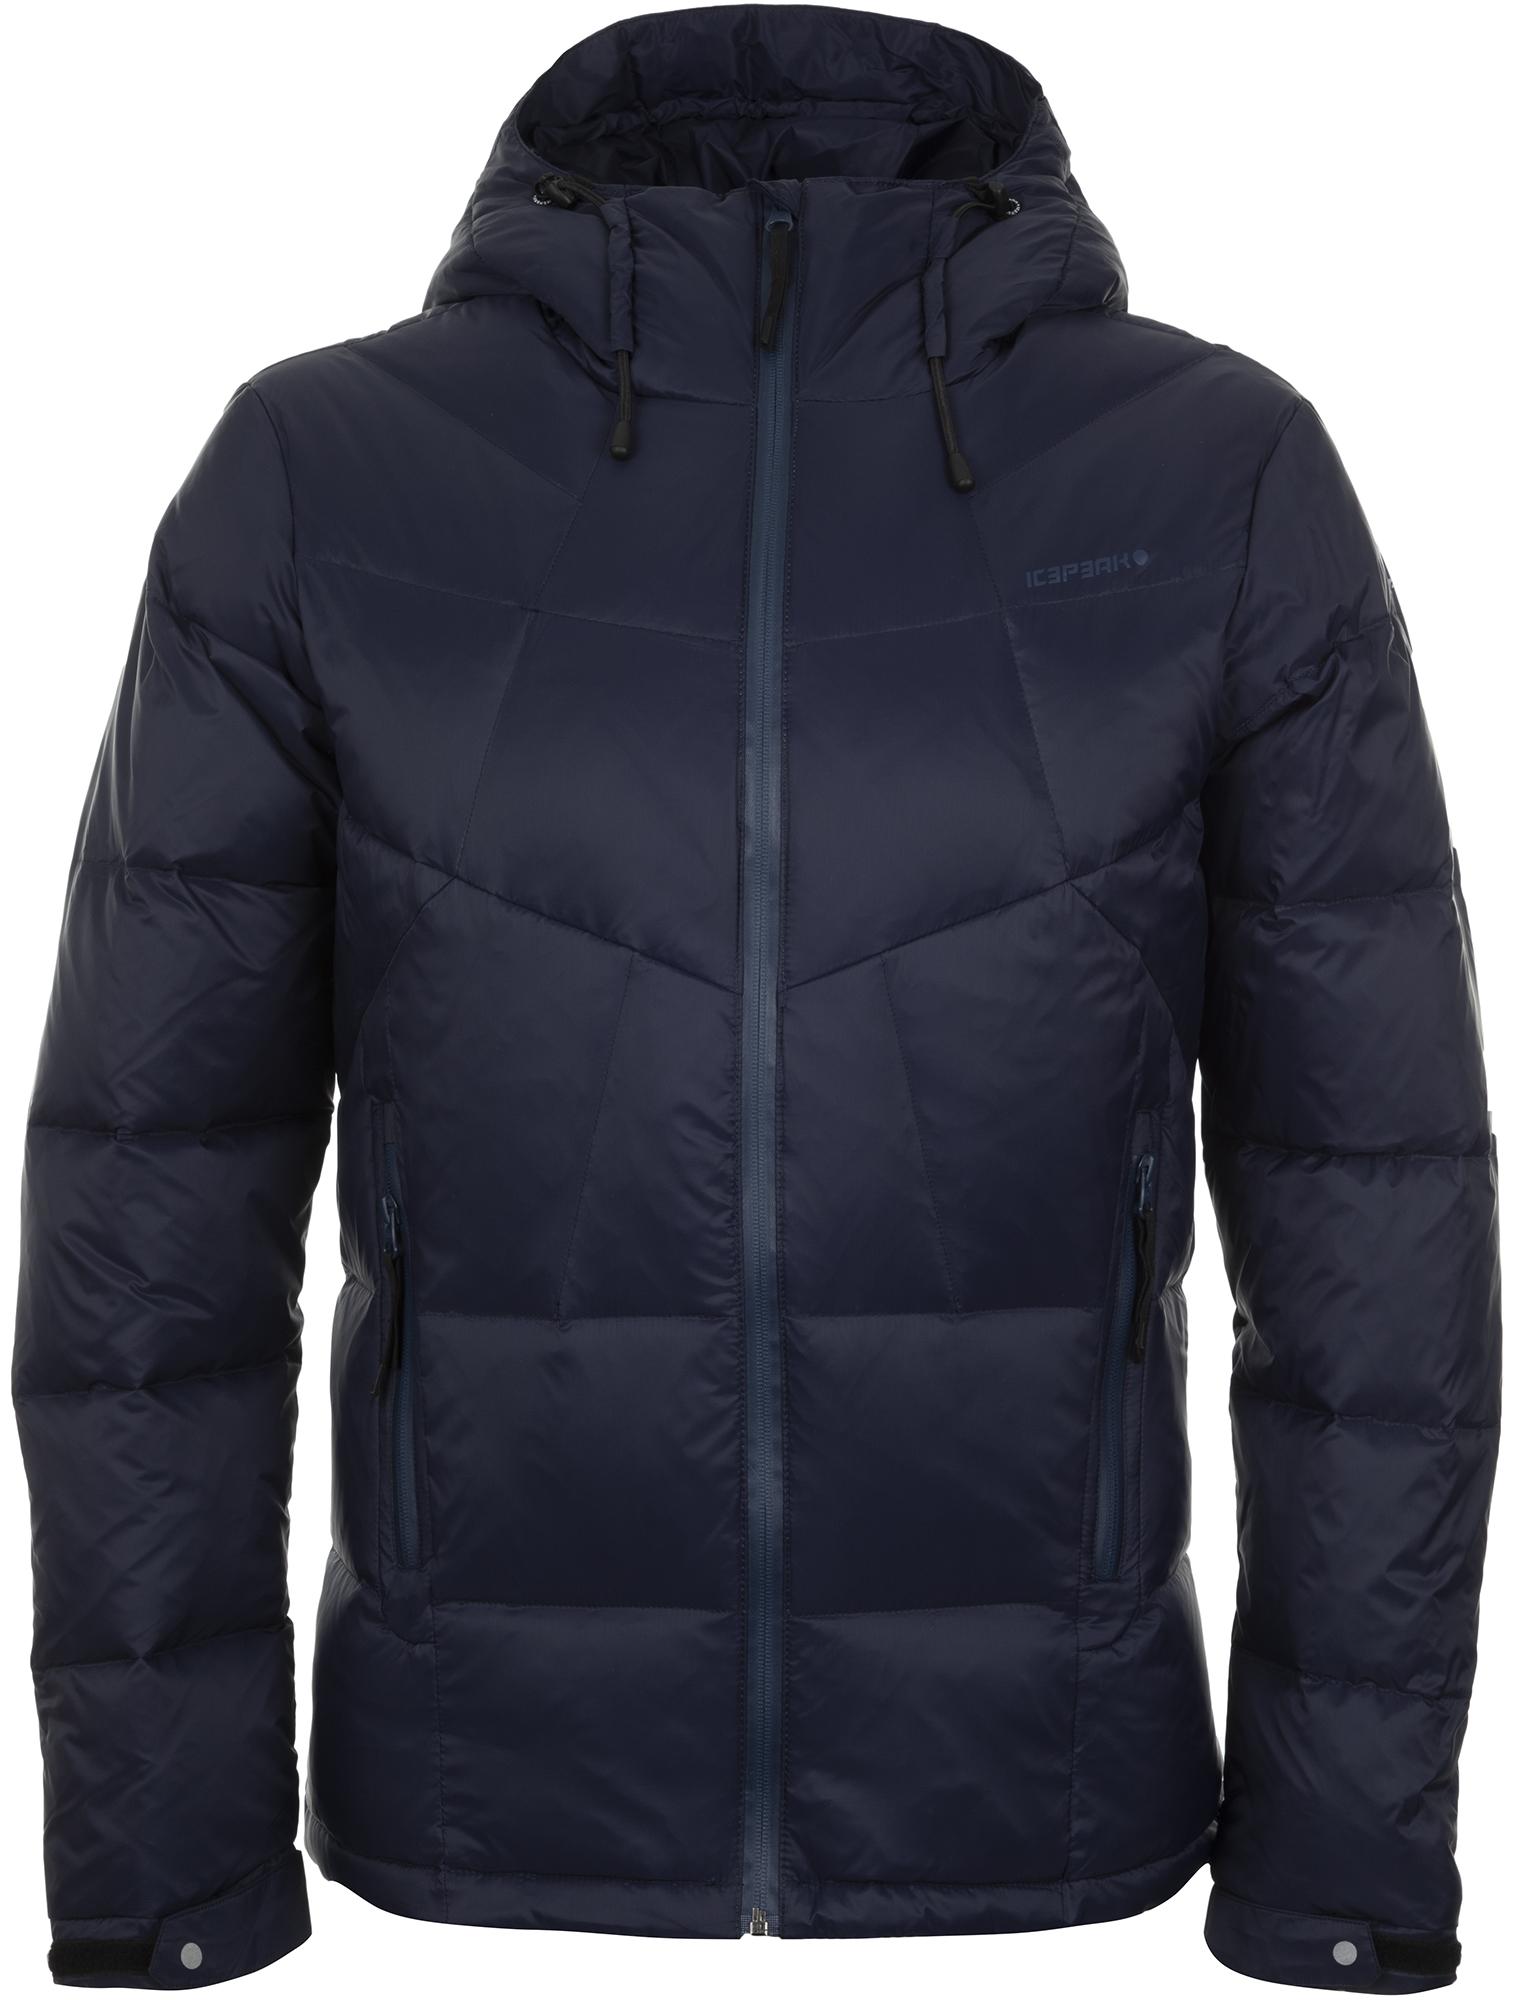 IcePeak Куртка пуховая мужская IcePeak Barak, размер 48 icepeak рюкзак icepeak размер без размера